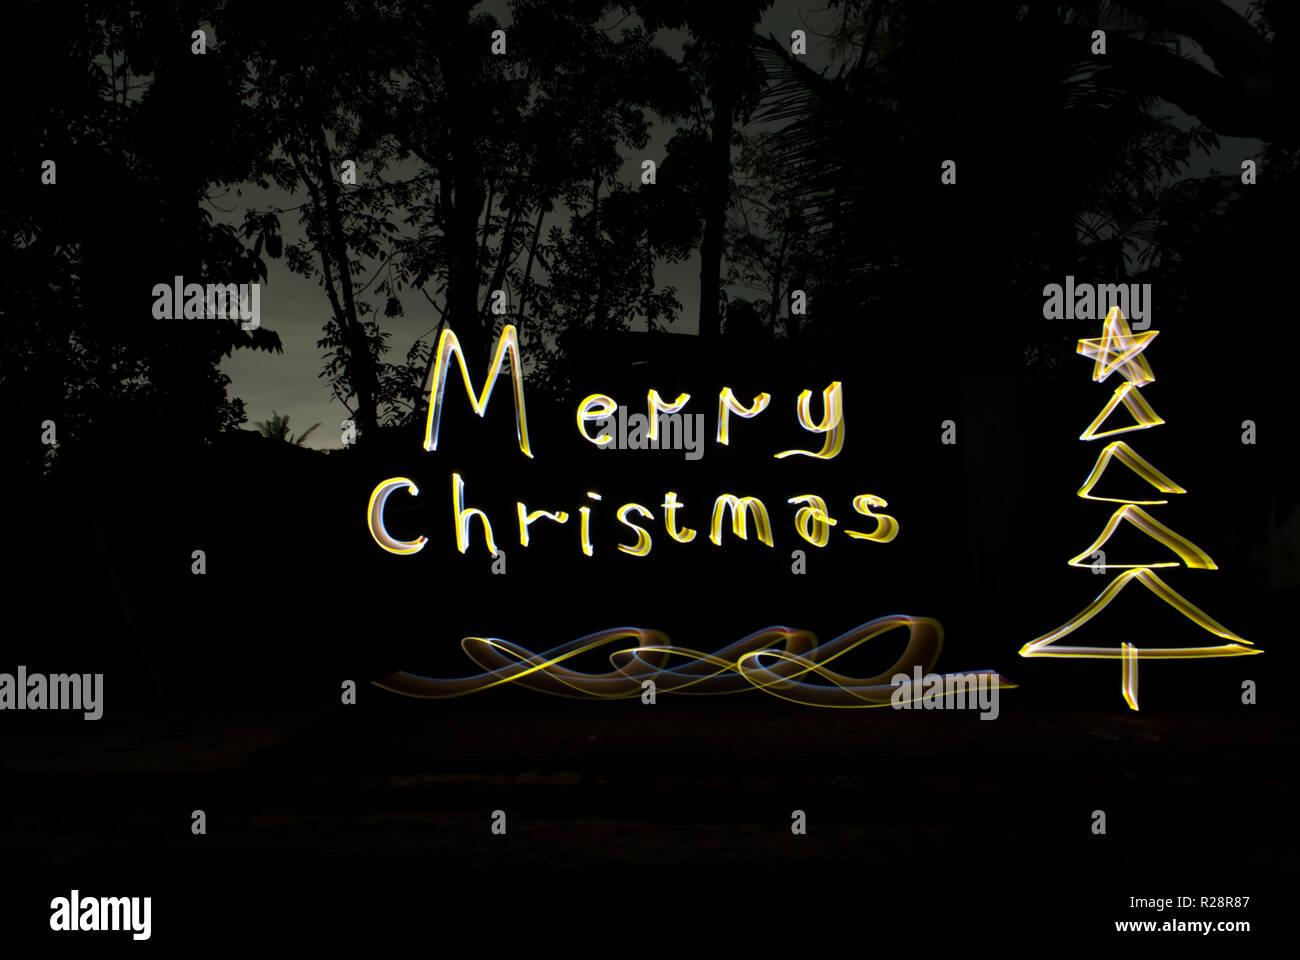 Grüße Frohe Weihnachten.Luxus Grüße Frohe Weihnachten Hand Schreiben Mit Licht Malerei